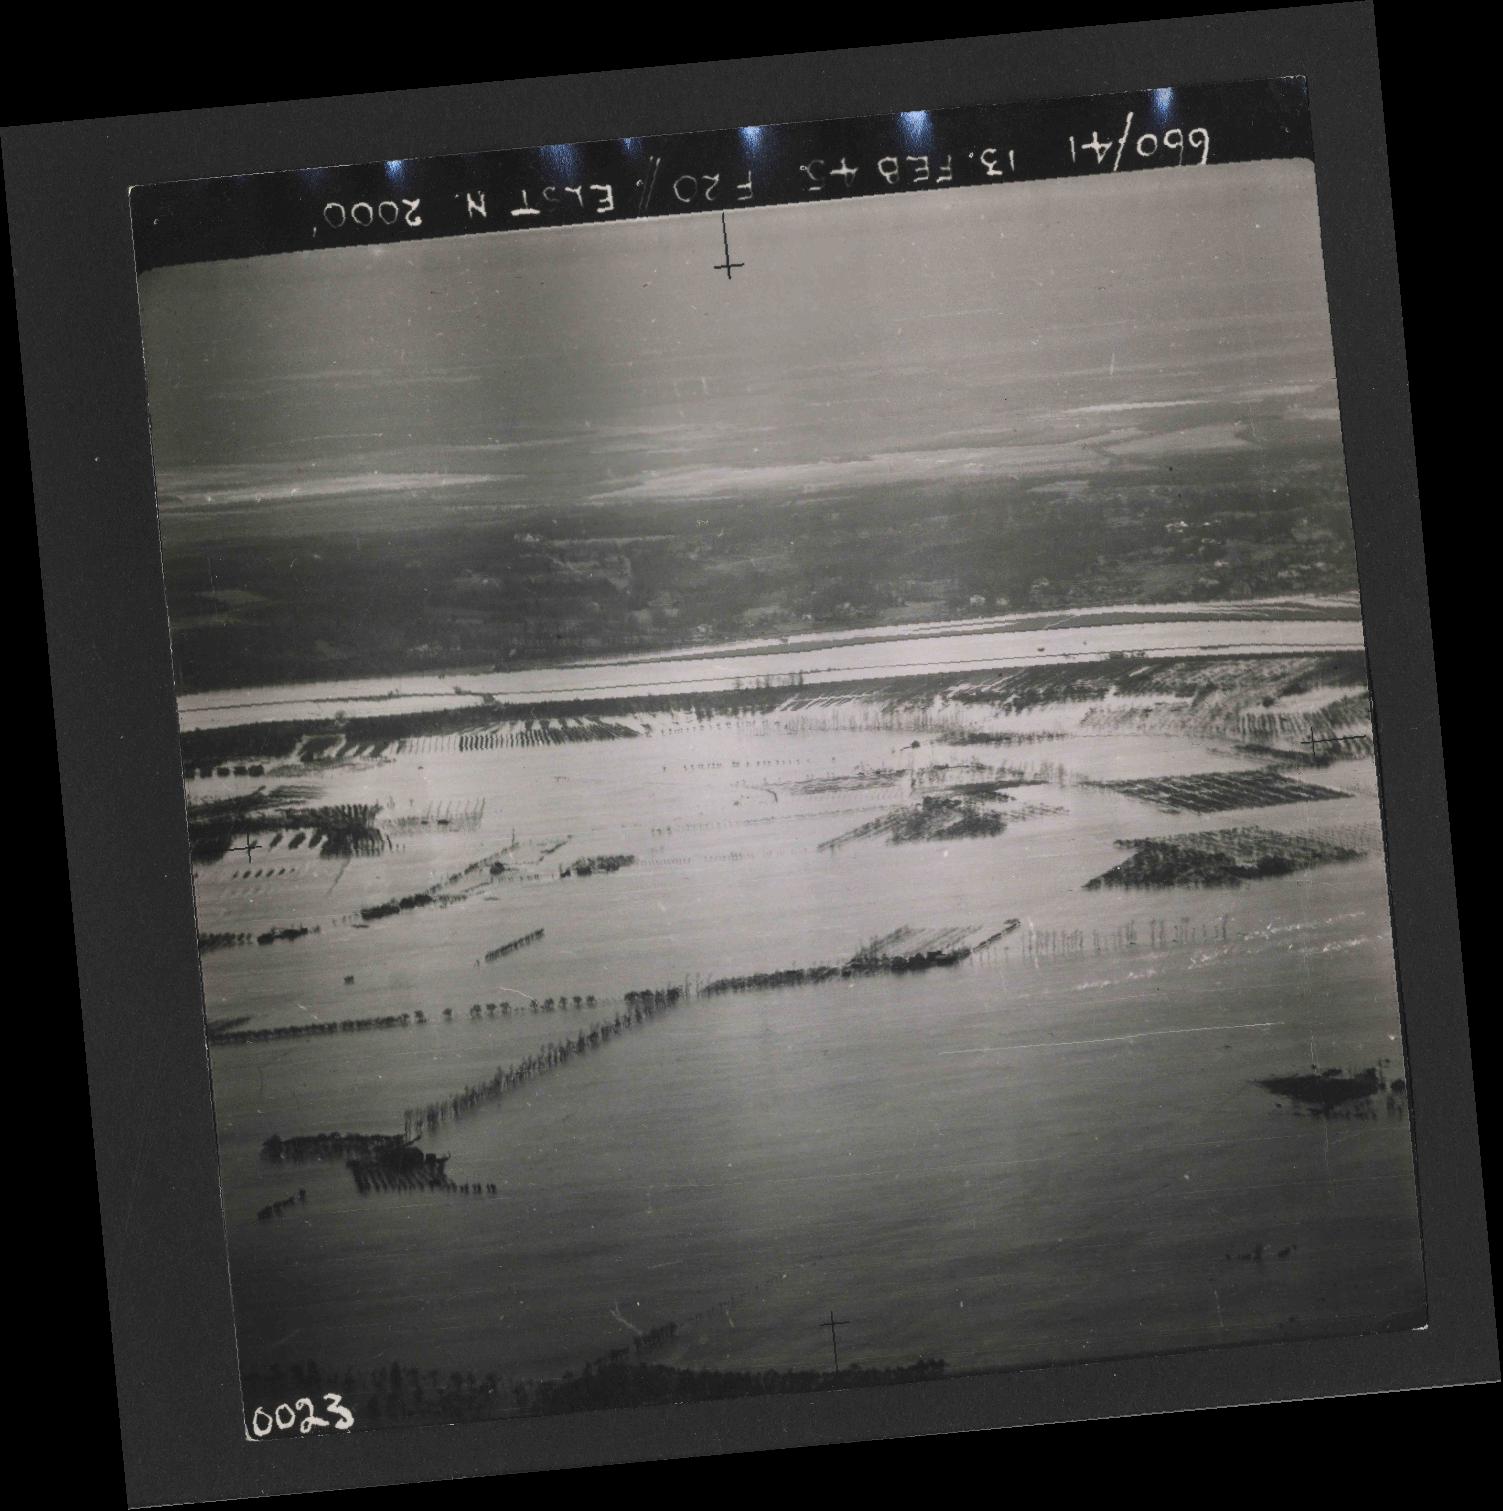 Collection RAF aerial photos 1940-1945 - flight 505, run 01, photo 0023